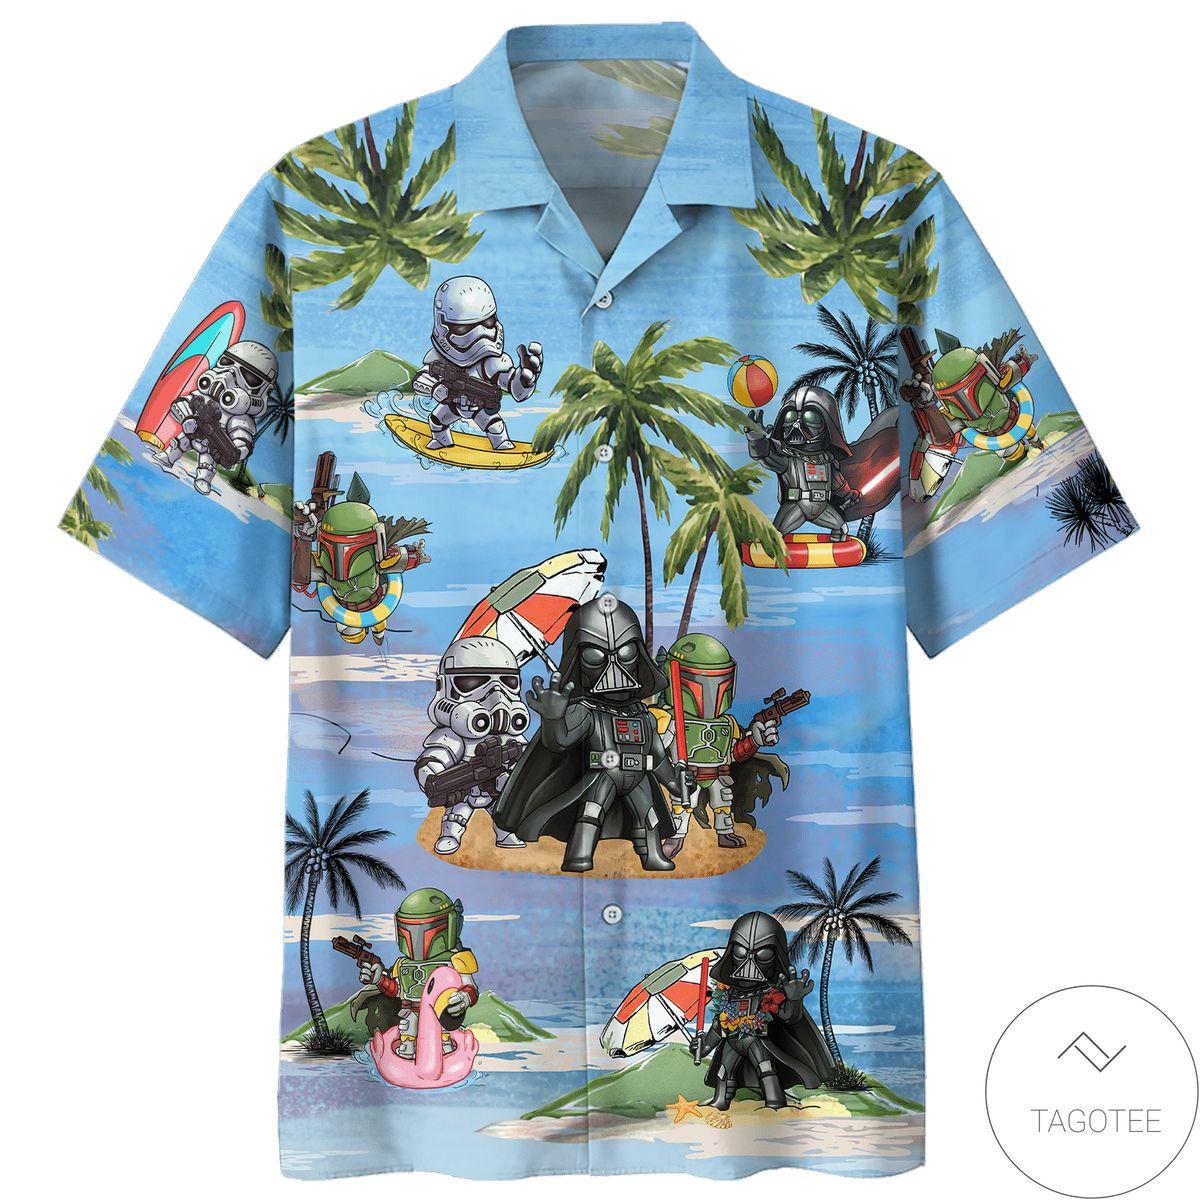 Best Gift Boba Fett Cartoon Summertime Hawaiian Shirt